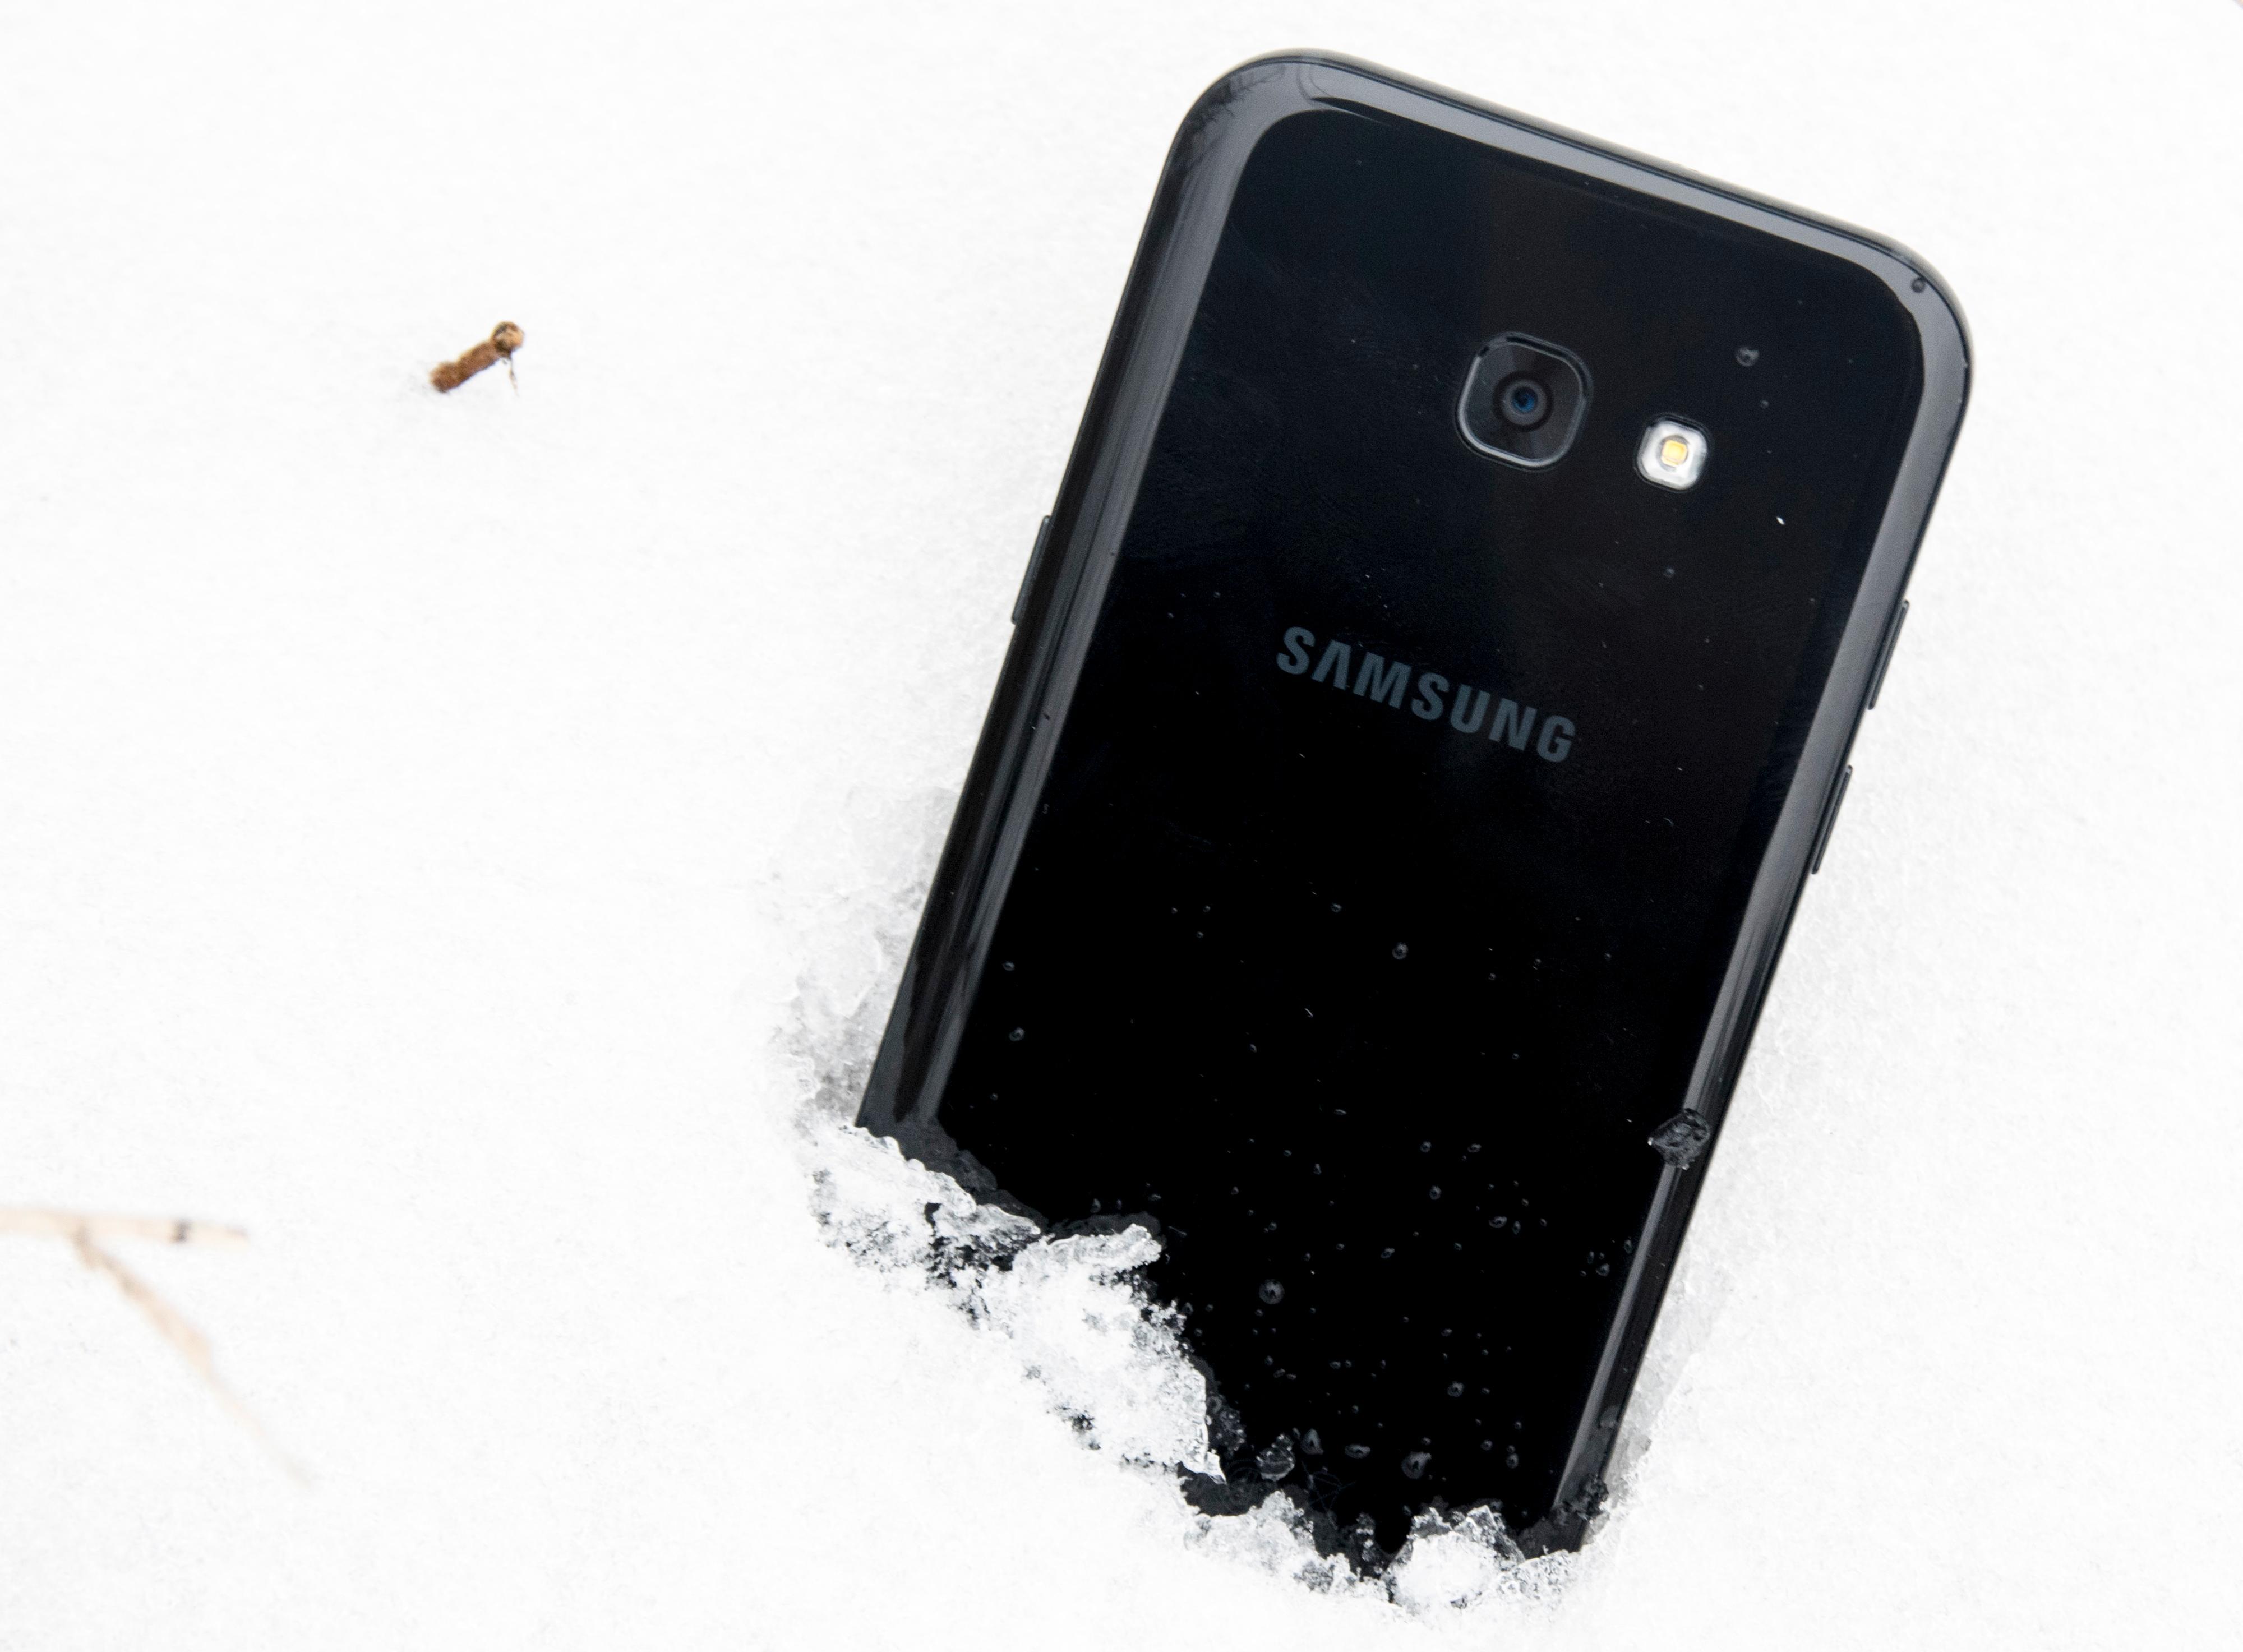 Et ålreit kamera i en telefon som koster tusen kroner mindre enn en med et fantastisk kamera. Jeg ville lagt i noen ekstra kroner for en Galaxy S7.